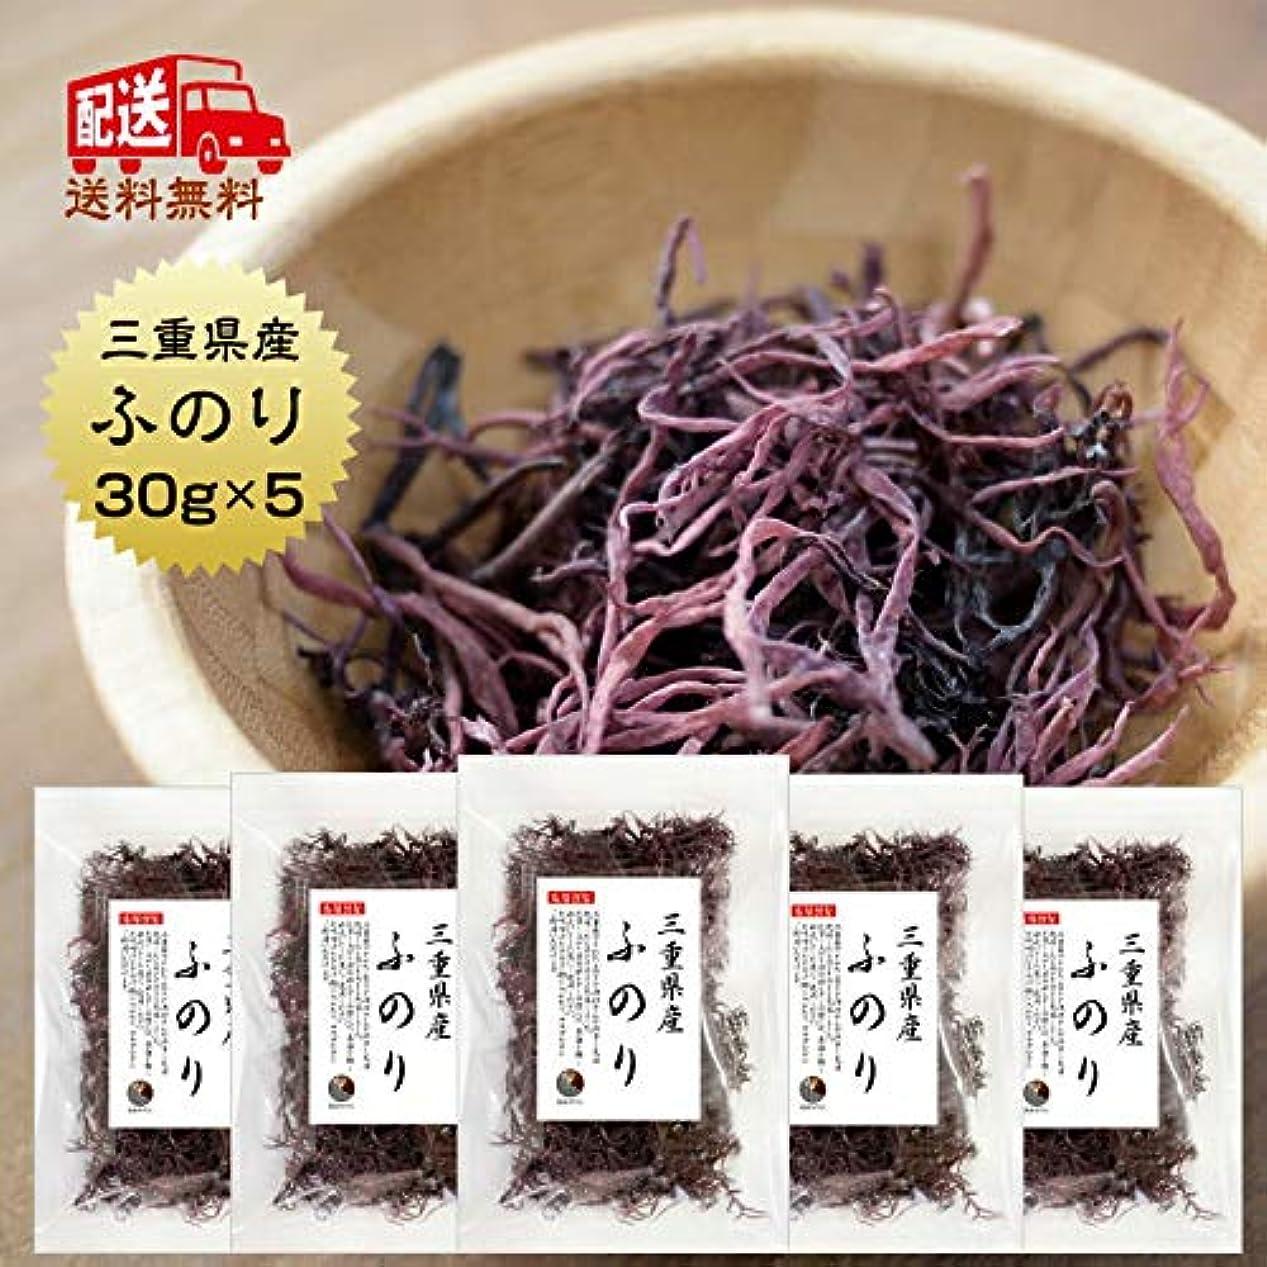 ふのり(三重県産)30g×5袋 国産 三重県 ふのり 海藻 送料無料